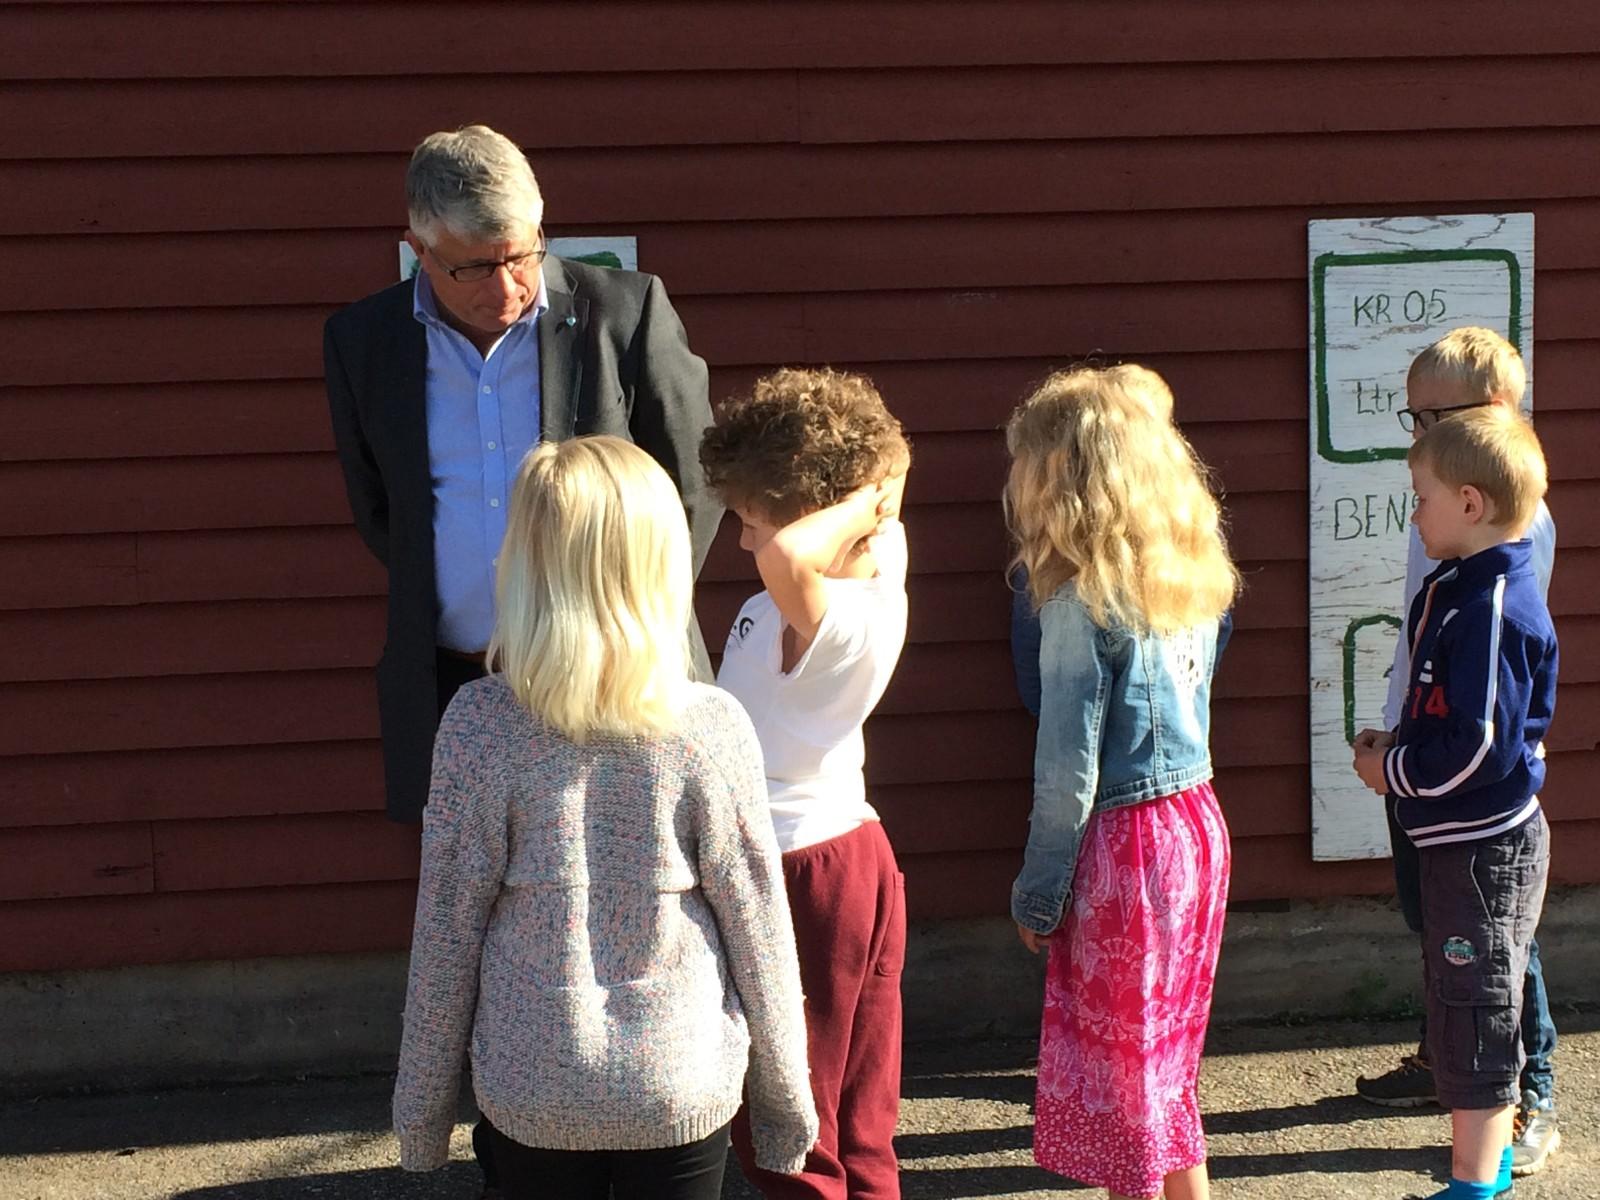 Ordførerne i Nye Kristiansand møtte elevene ved Herefoss skole i Birkenes i dag. Målet var å fortelle om en ny mulig storkommune, men elevene var skeptiske.